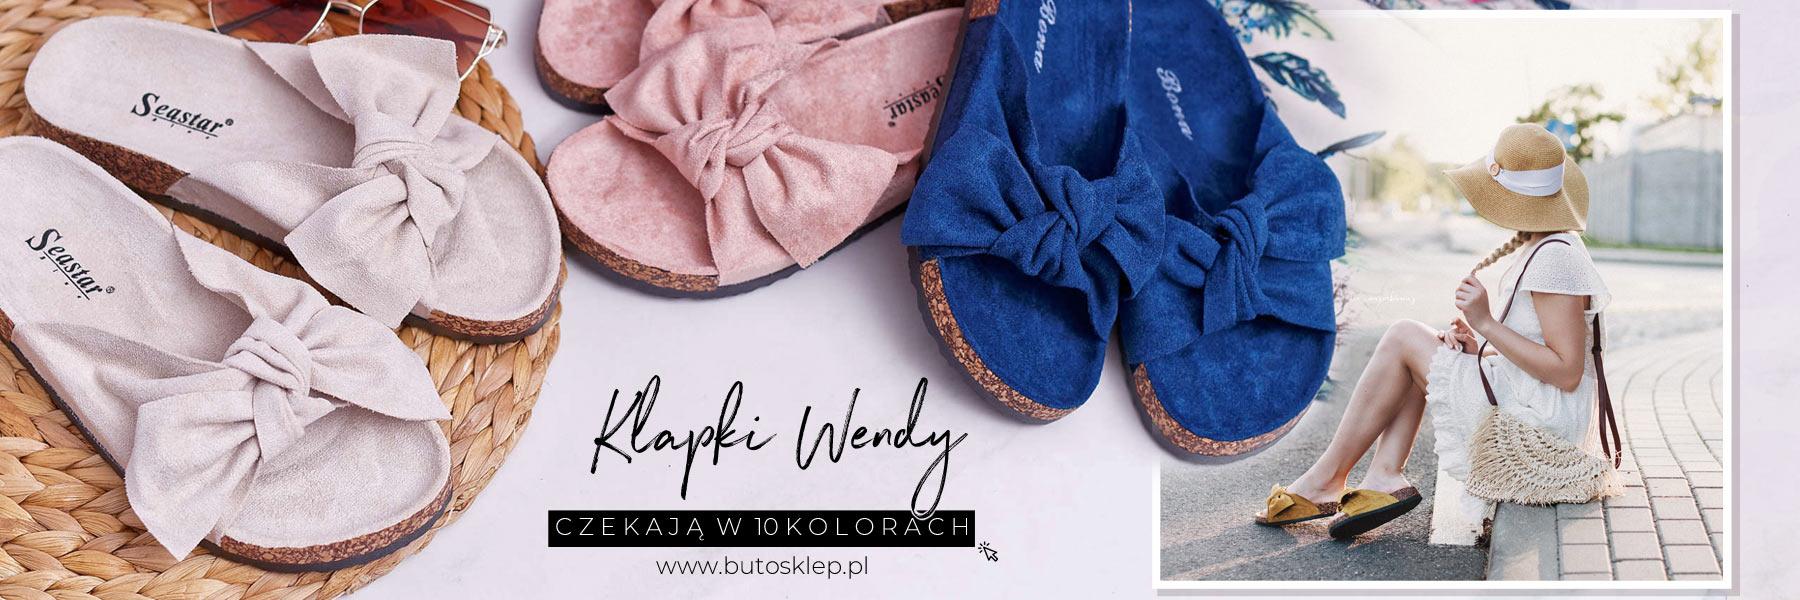 4cae4c1a Sklep z butami online - tanie i modne obuwie Butosklep.pl